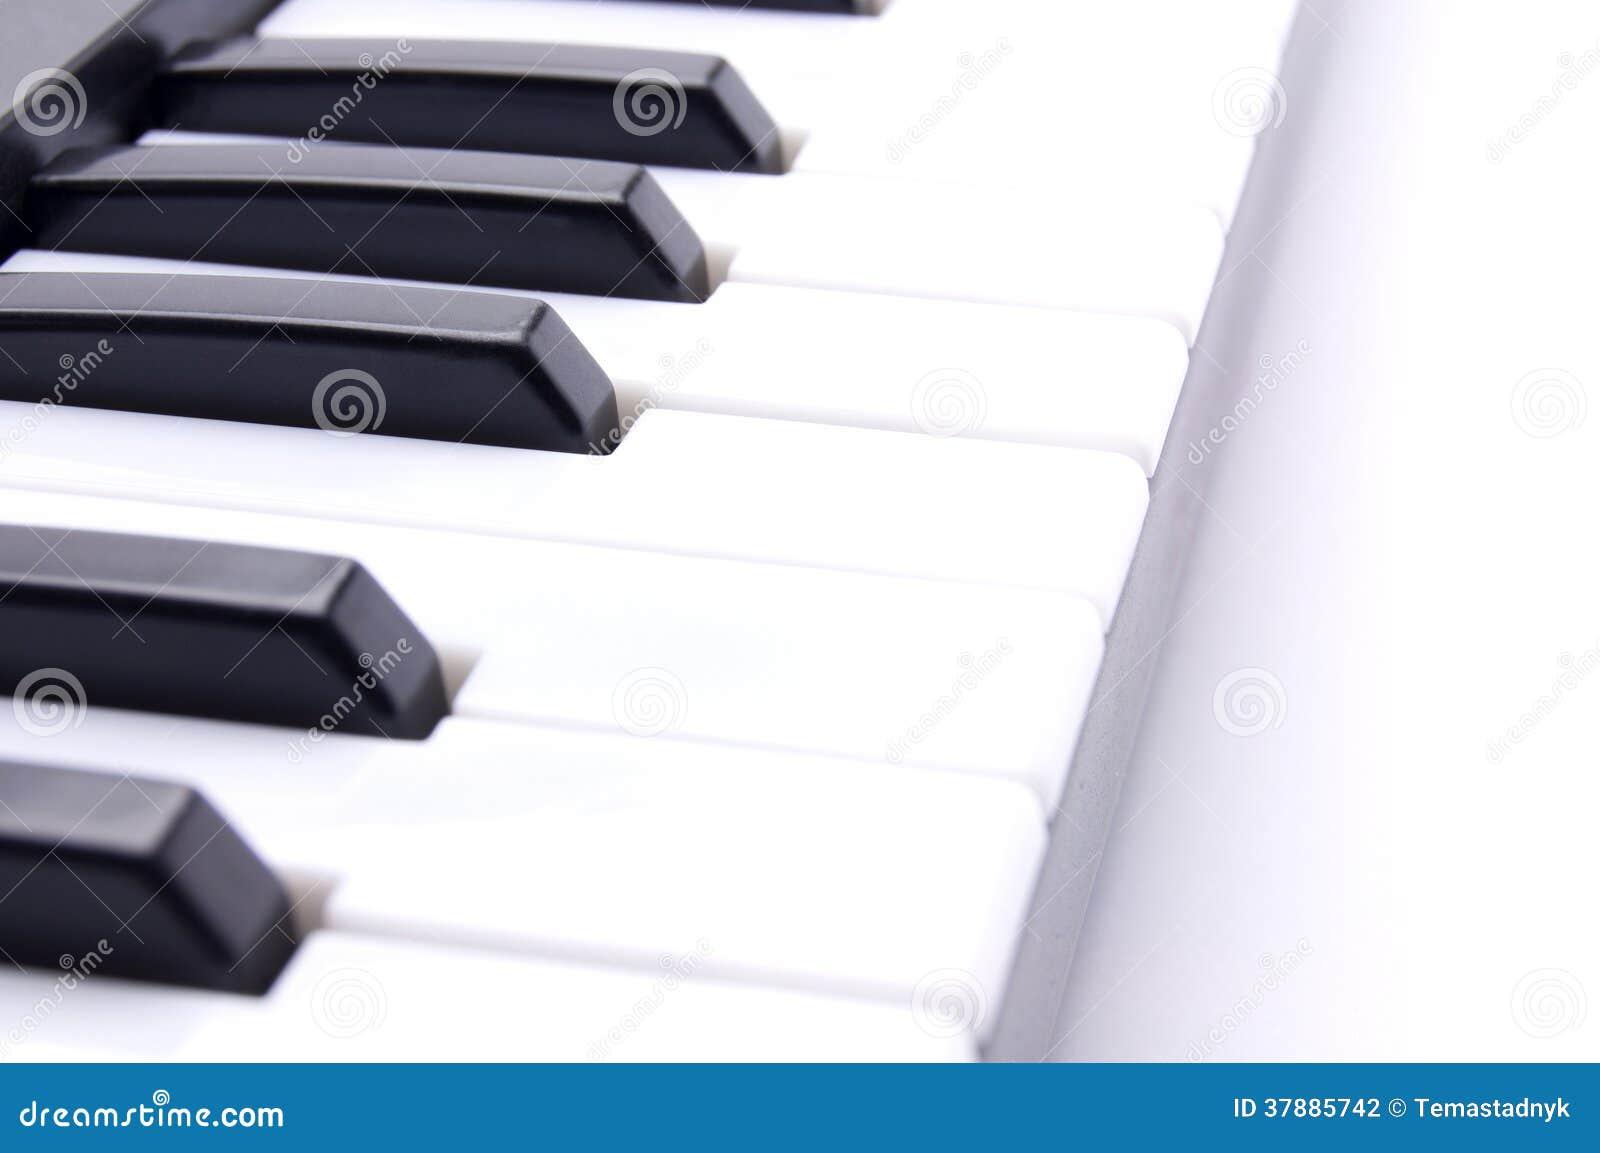 Pianosleutels op een witte achtergrond